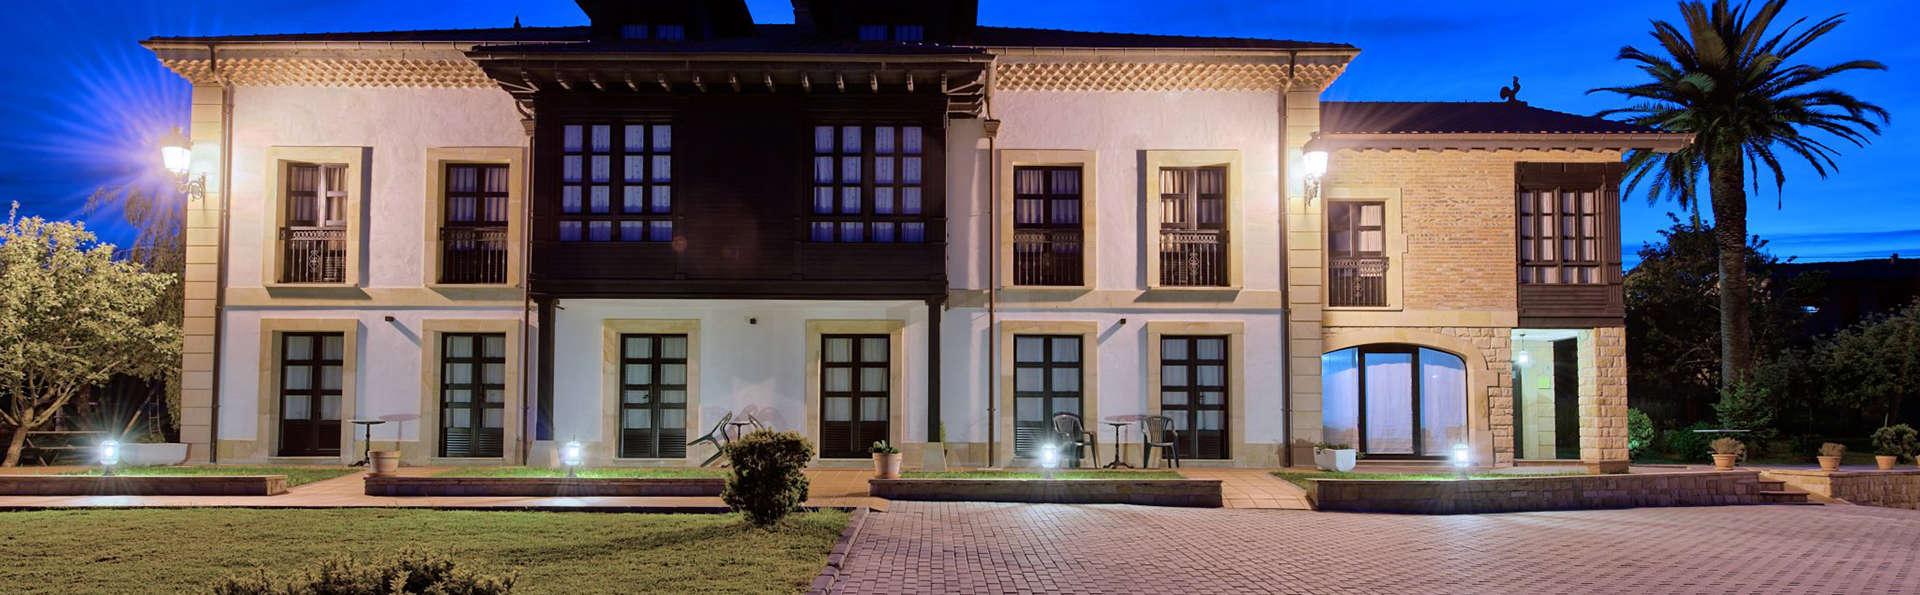 Hotel La Casona de la Roza - EDIT_front3.jpg